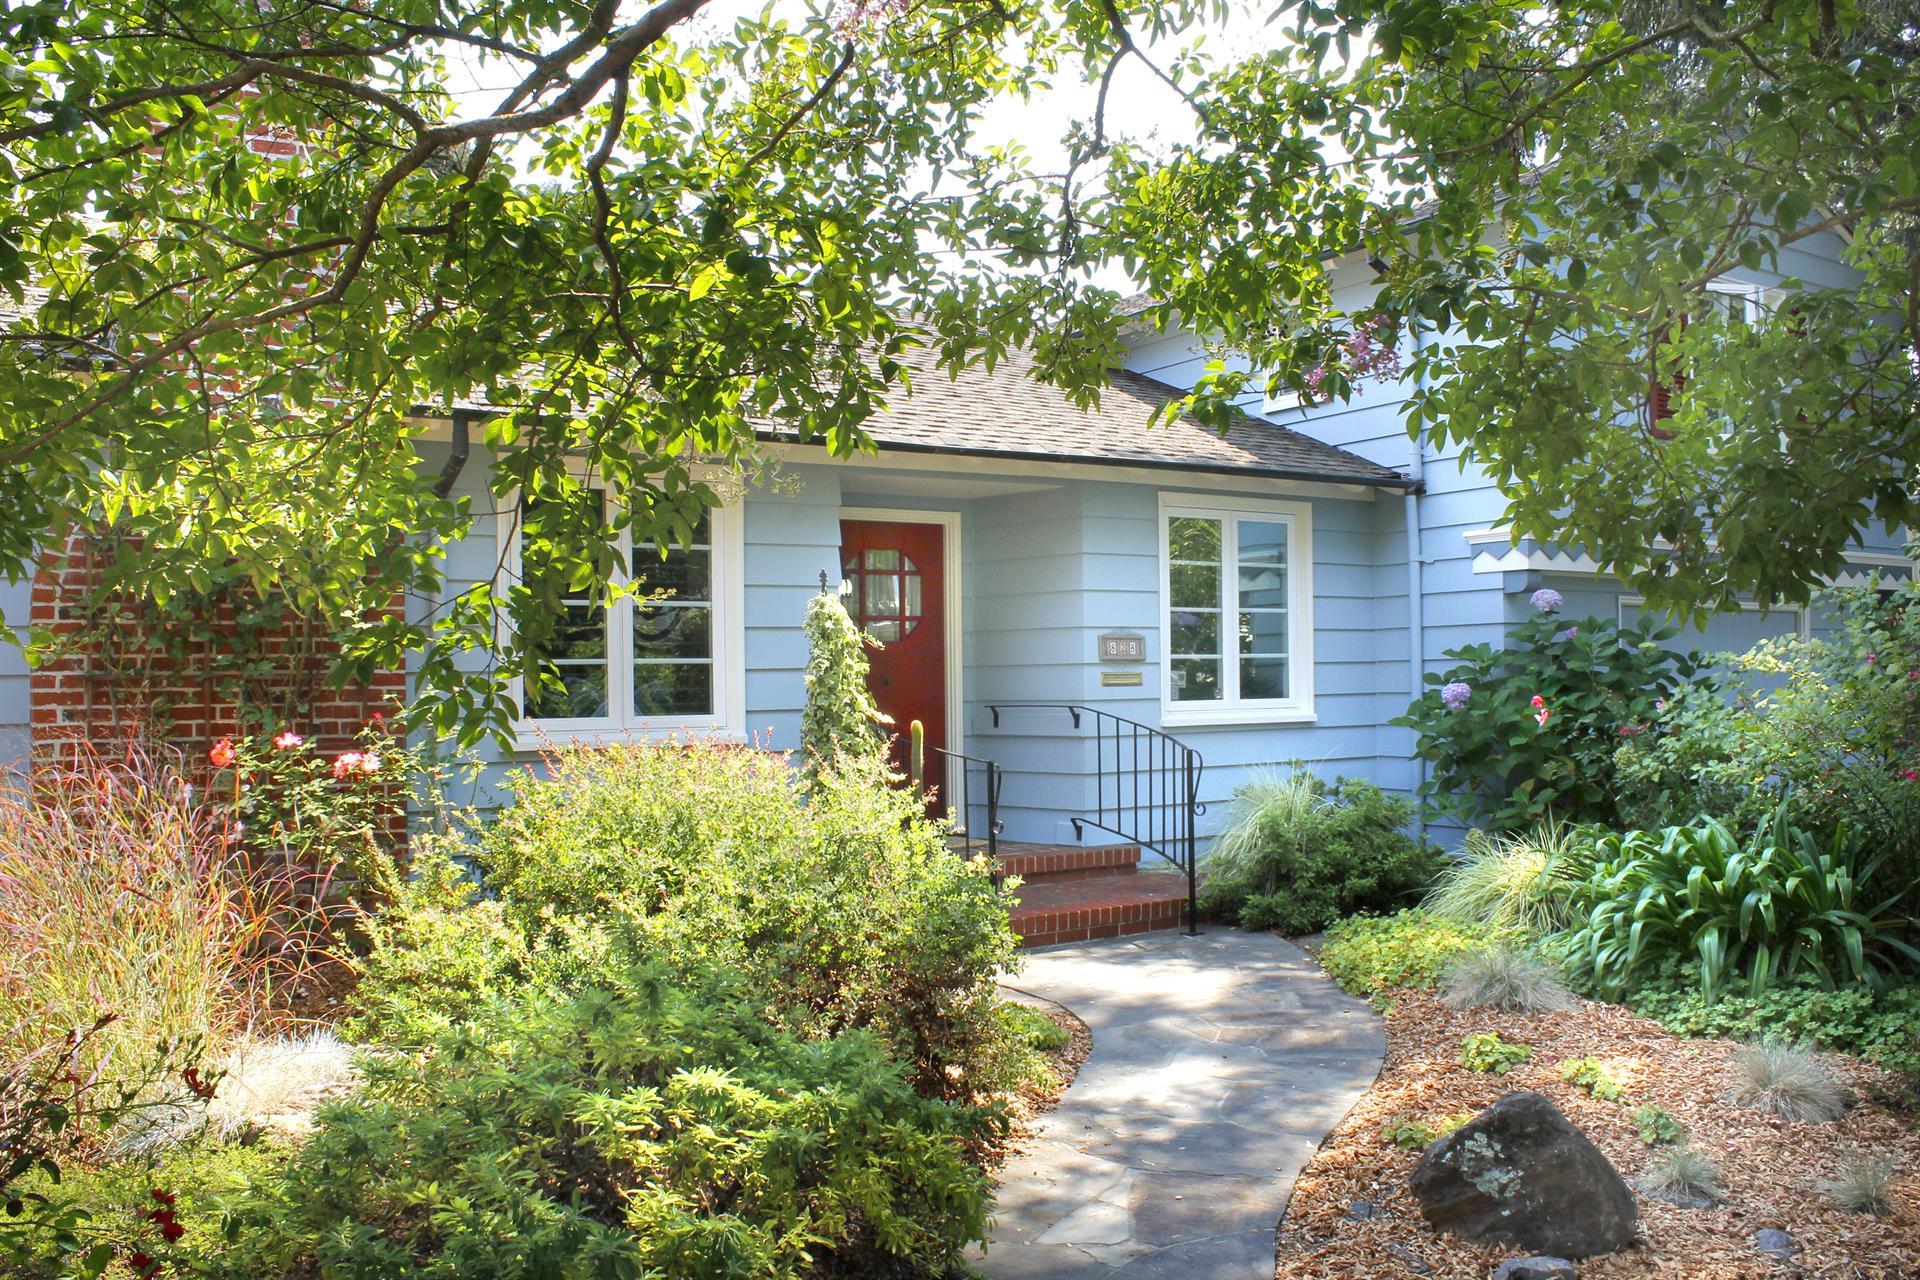 单亲家庭 为 销售 在 828 Beaver Street 828 Beaver Street 圣罗莎, 加利福尼亚州 95404 美国